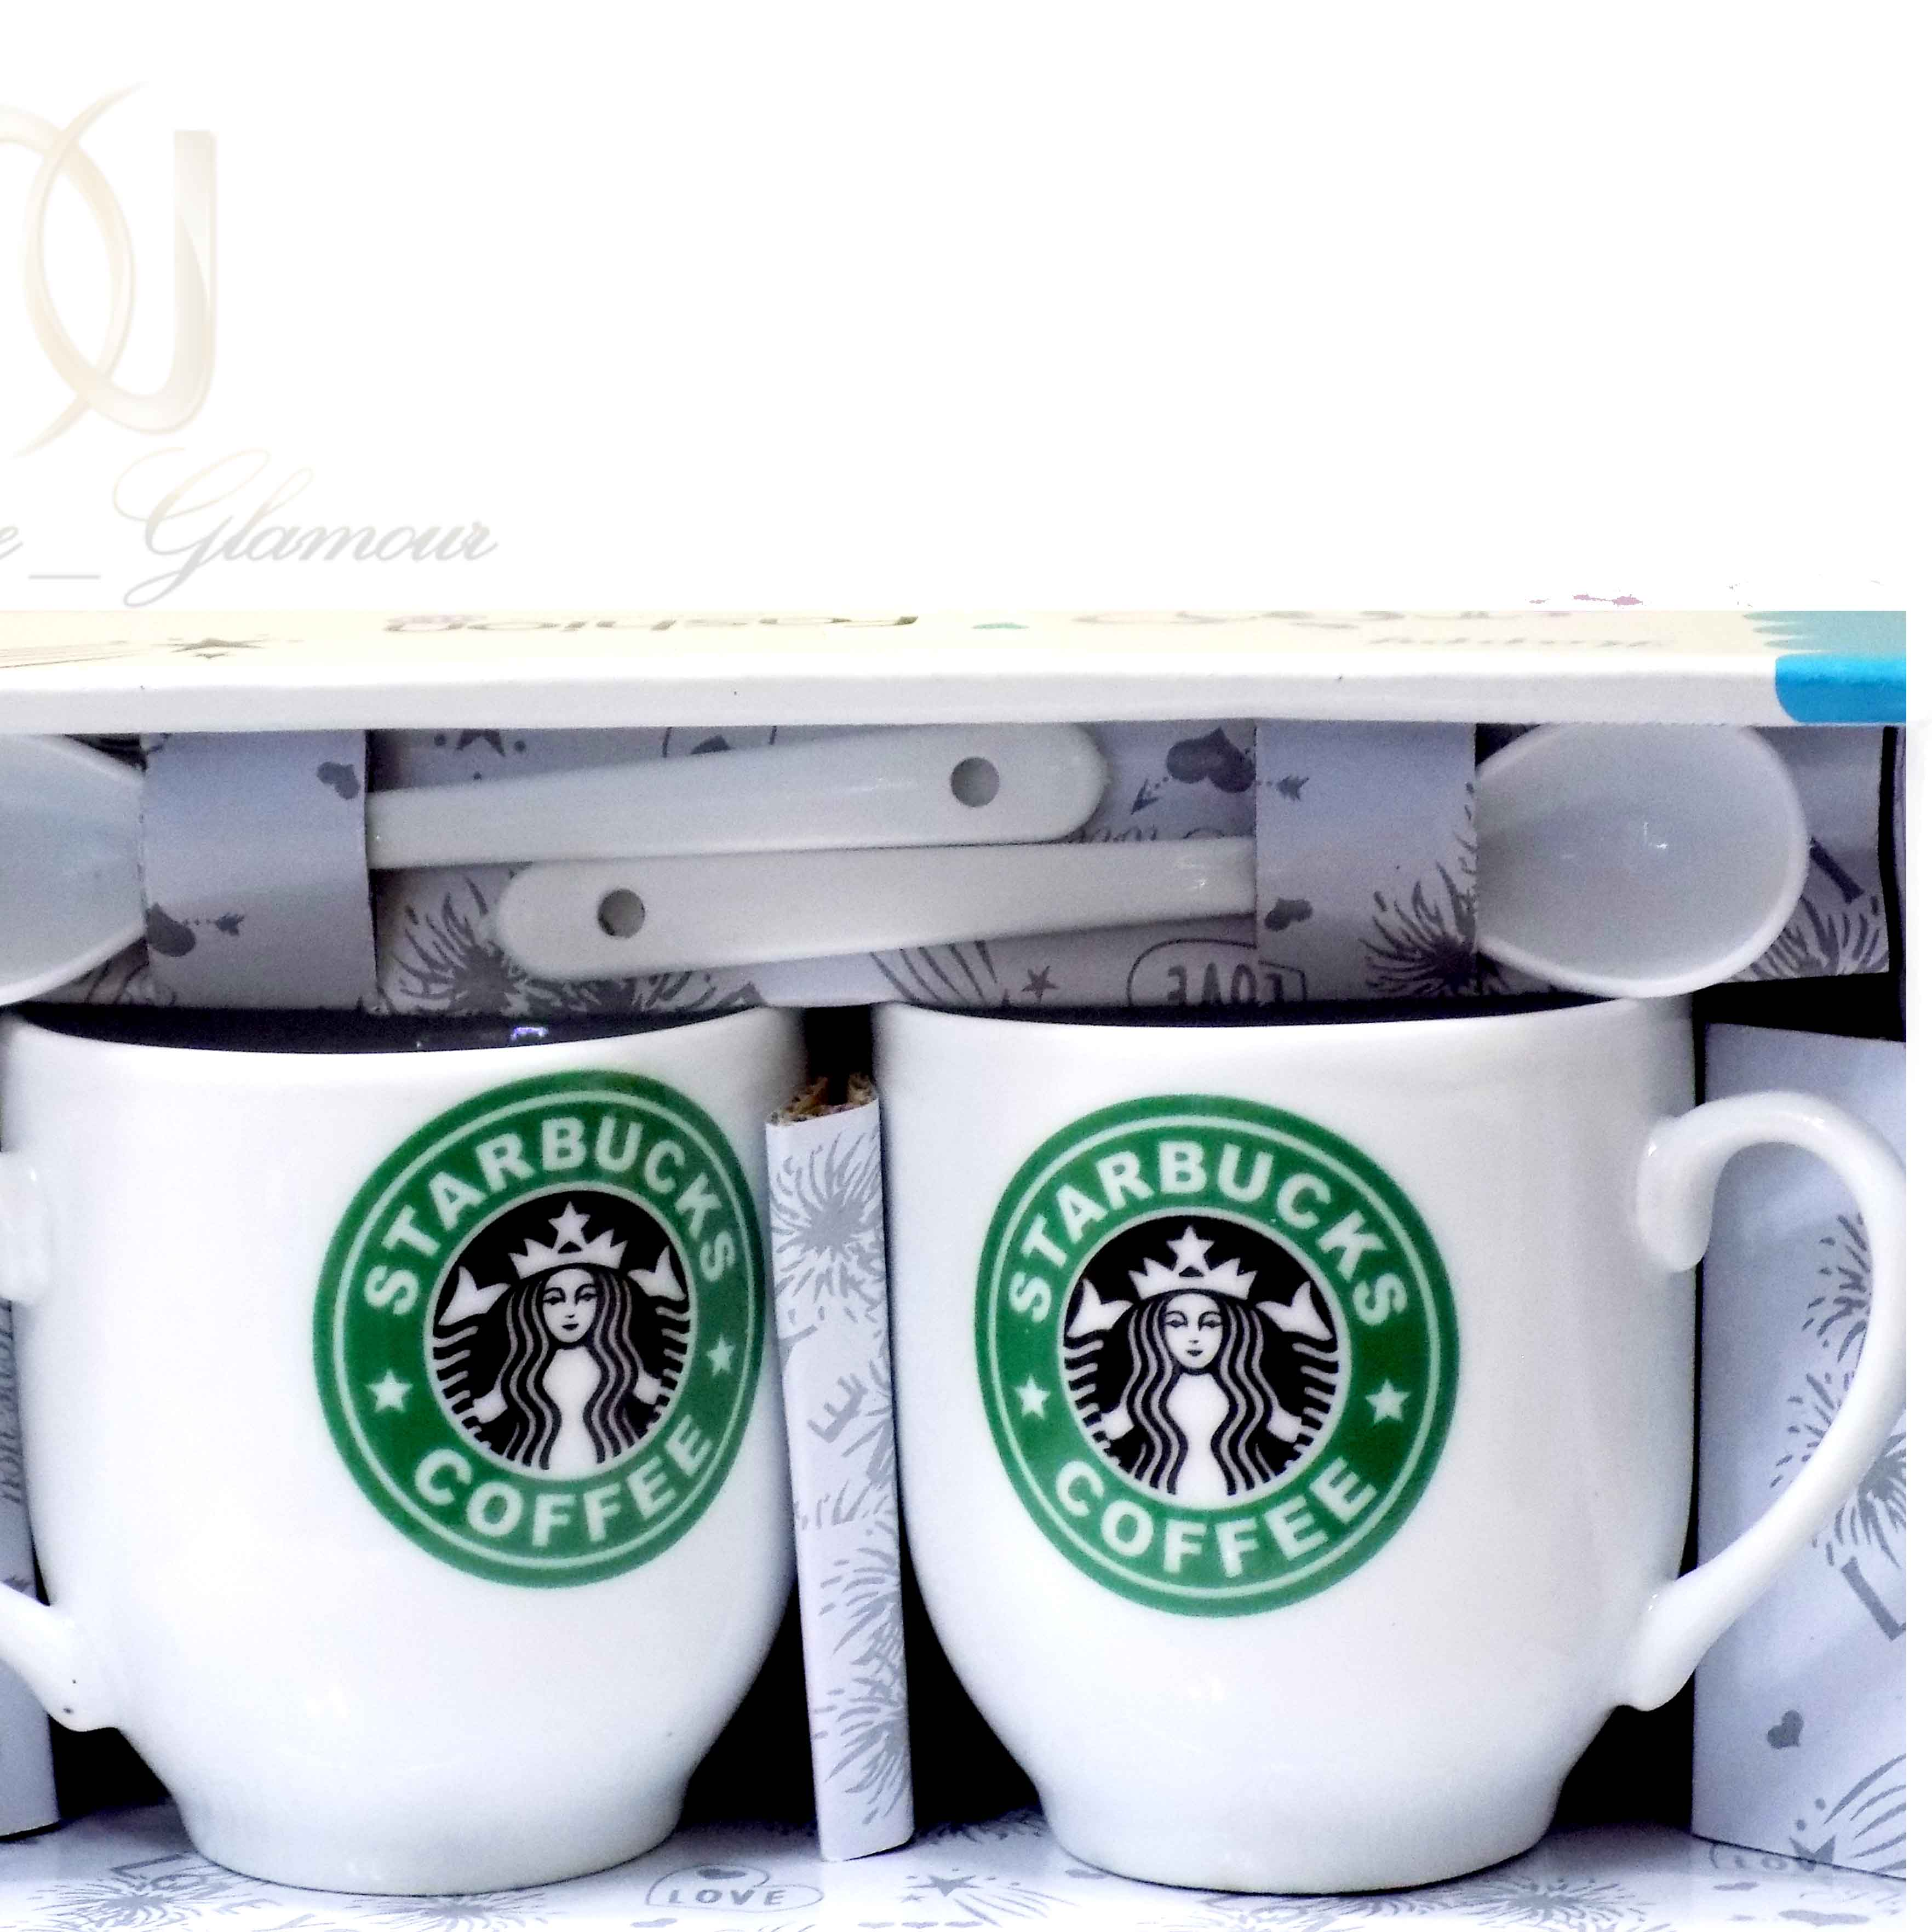 فنجان قهوه خوري دو نفره سراميكي KA-N121 از نماي روبرو